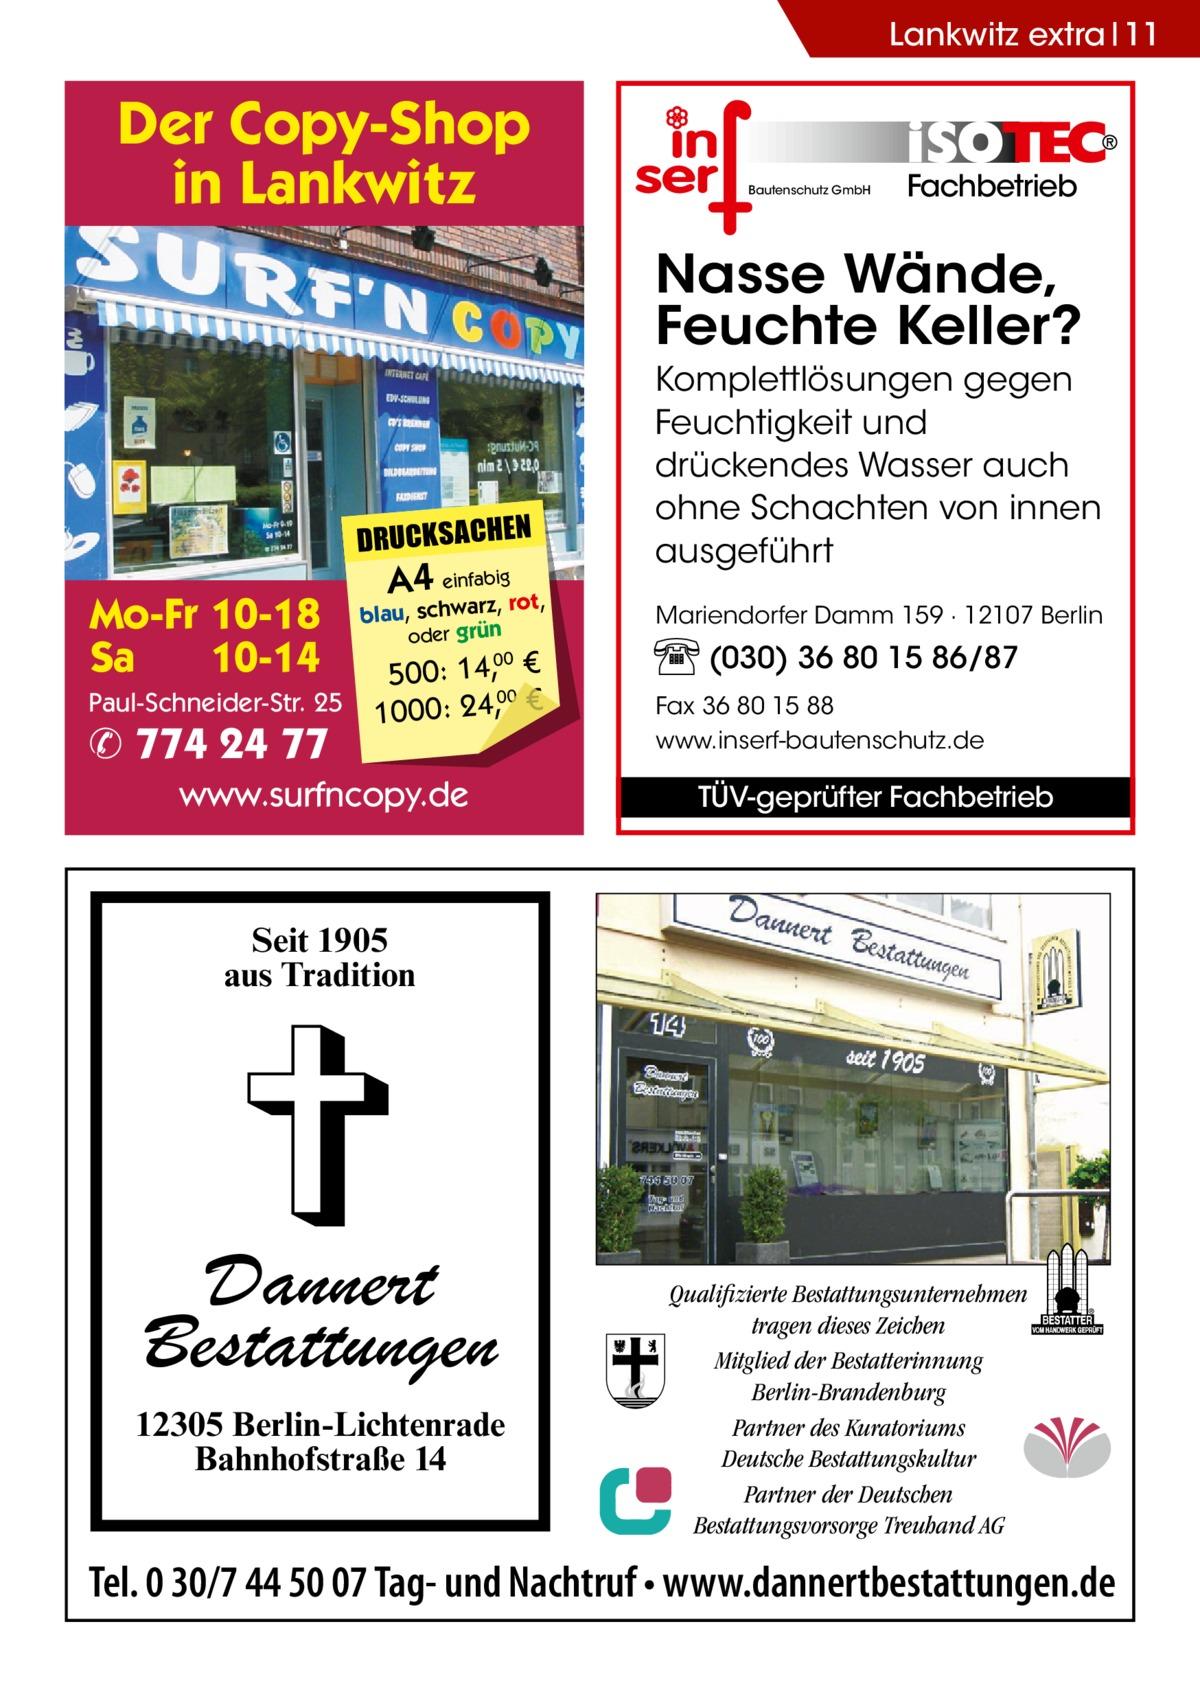 Lankwitz extra 11  Der Copy-Shop in Lankwitz  Bautenschutz GmbH  Fachbetrieb  Nasse Wände, Feuchte Keller?  DRUCKSACHEN  Mo-Fr 10-18 Sa 10-14 Paul-Schneider-Str. 25  ✆ 774 24 77  A4 einfabigrot,  blau, schwarz, oder grün  500: 14, € 00 1000: 24,, € 00  www.surfncopy.de  Komplettlösungen gegen Feuchtigkeit und drückendes Wasser auch ohne Schachten von innen ausgeführt Mariendorfer Damm 159 · 12107 Berlin  (030) 36 80 15 86/87 Fax 36 80 15 88 www.inserf-bautenschutz.de  TÜV-geprüfter Fachbetrieb  Seit 1905 aus Tradition  Dannert Bestattungen 12305 Berlin-Lichtenrade Bahnhofstraße 14  Qualifizierte Bestattungsunternehmen tragen dieses Zeichen Mitglied der Bestatterinnung Berlin-Brandenburg Partner des Kuratoriums Deutsche Bestattungskultur Partner der Deutschen Bestattungsvorsorge Treuhand AG  Tel. 0 30/7 44 50 07 Tag- und Nachtruf • www.dannertbestattungen.de